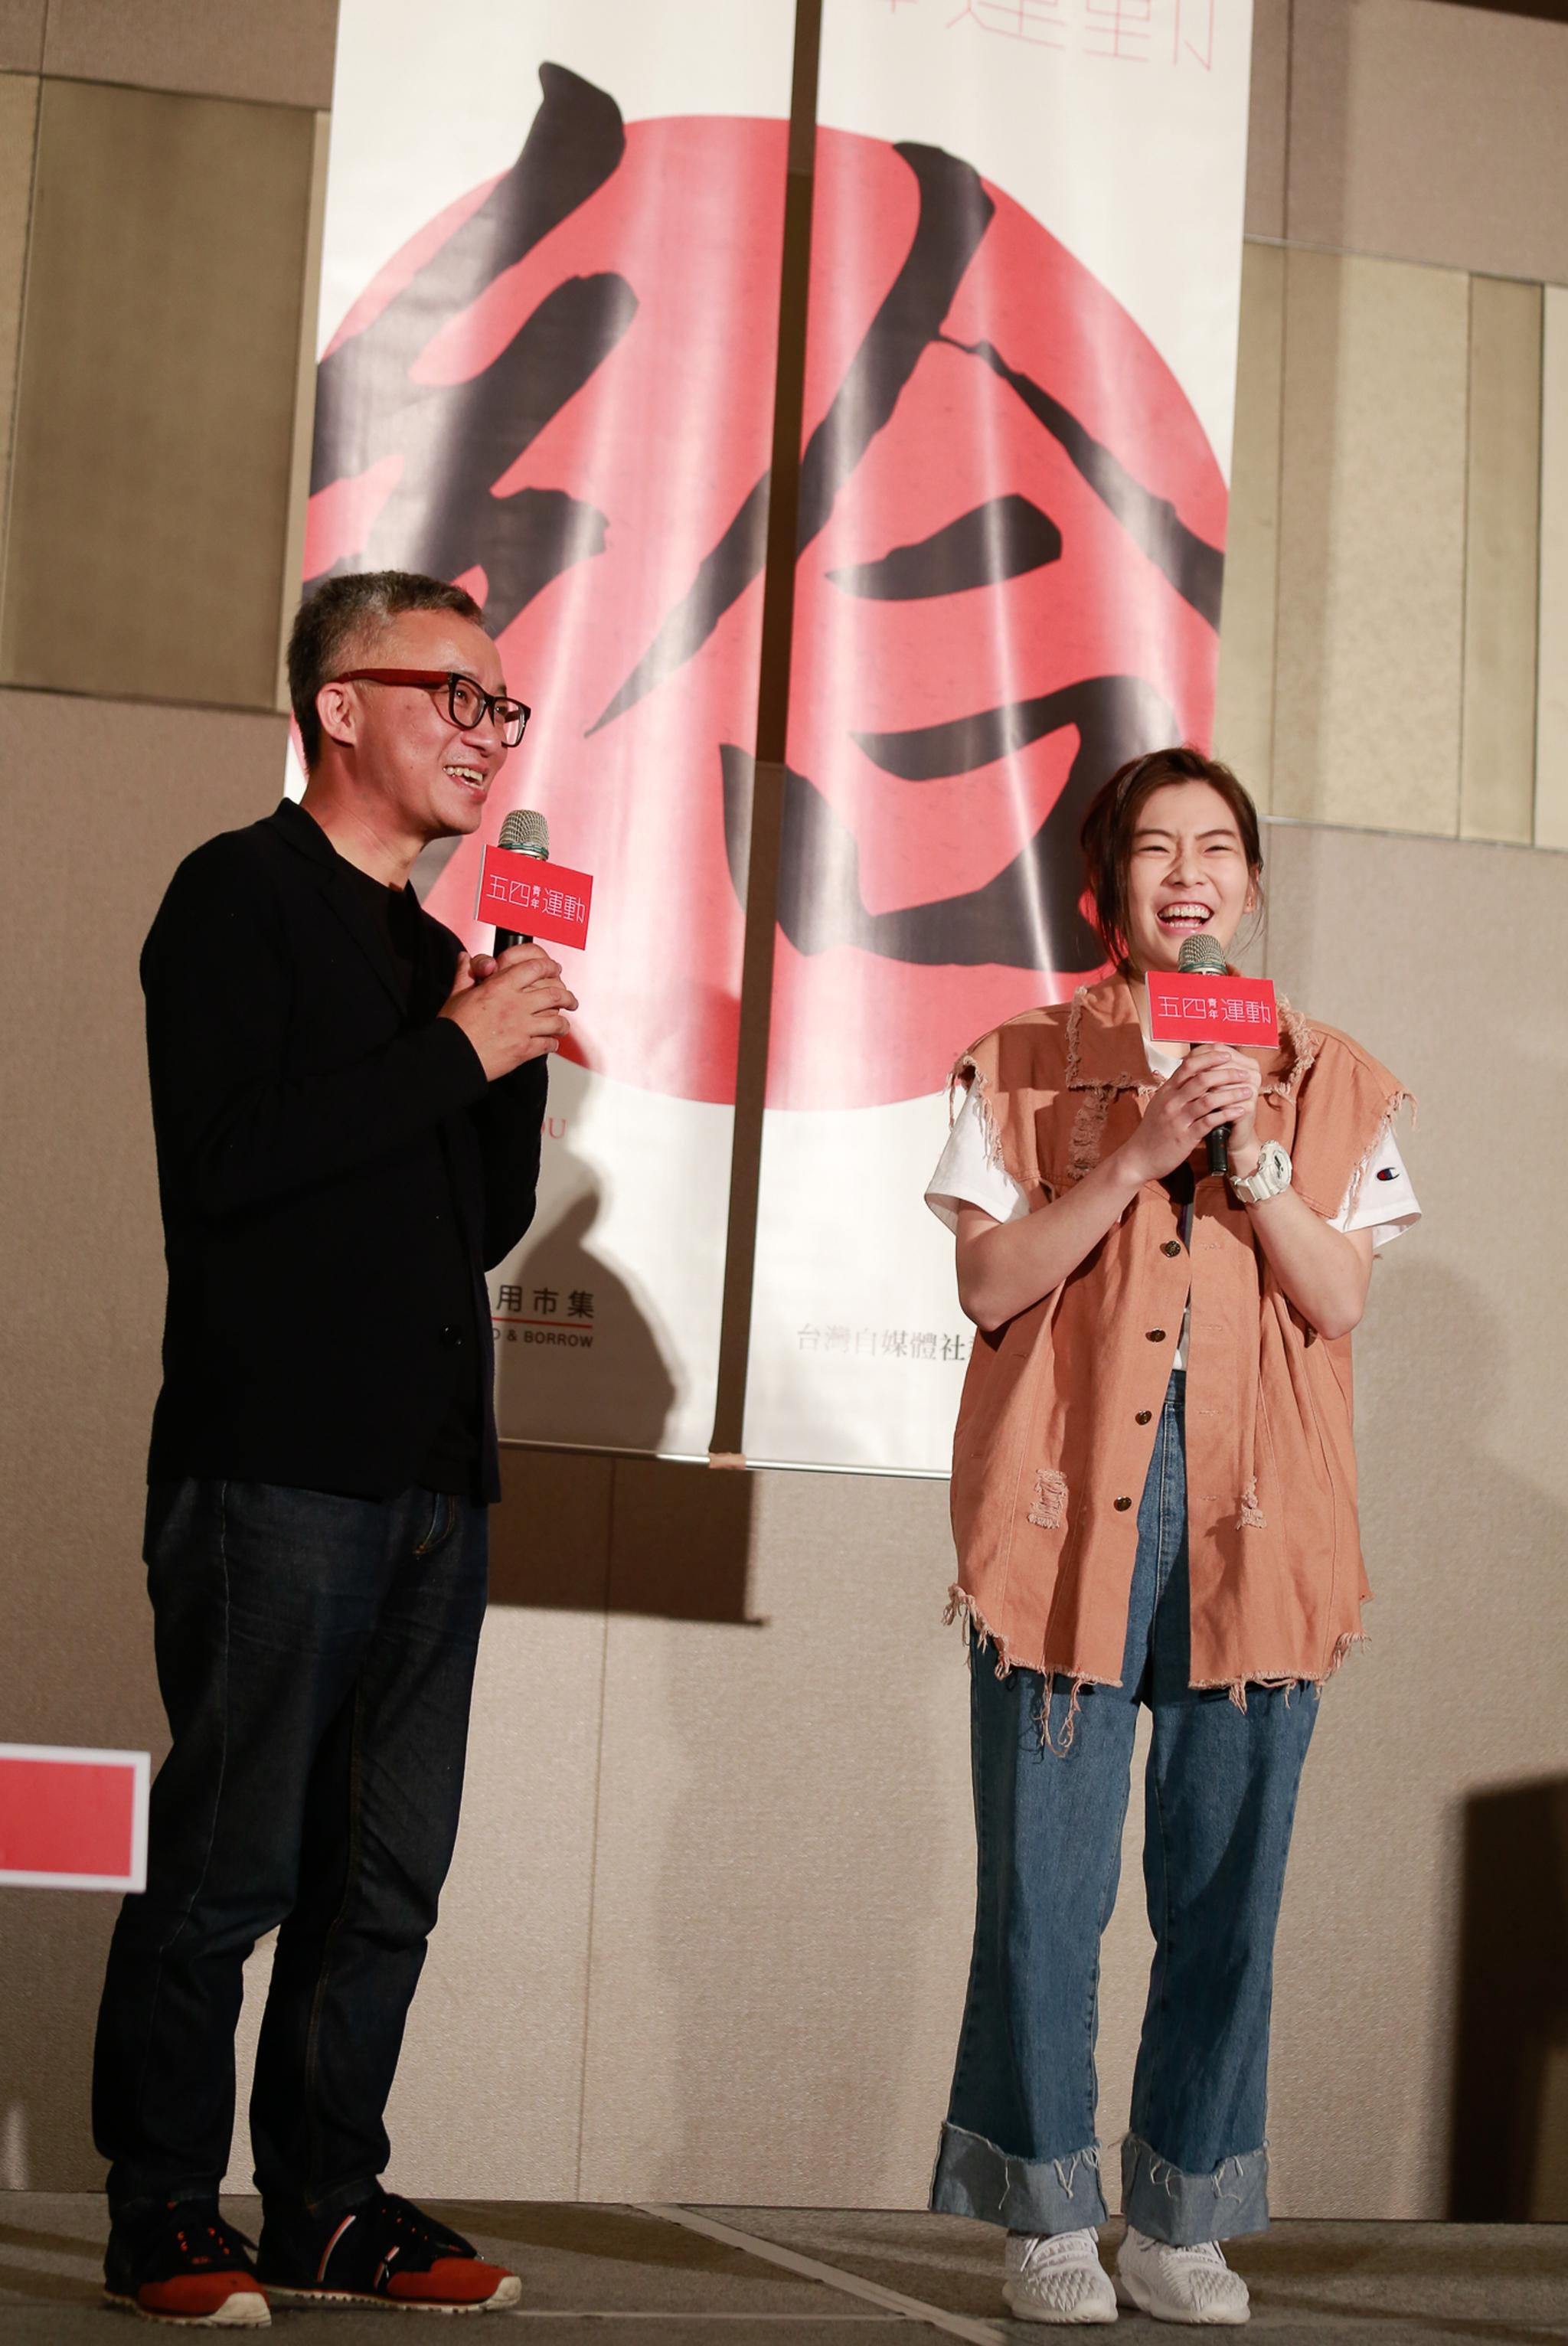 五四青年運動-event-記者會-寒舍艾美酒店-lemeridien-taipei-41.jpg